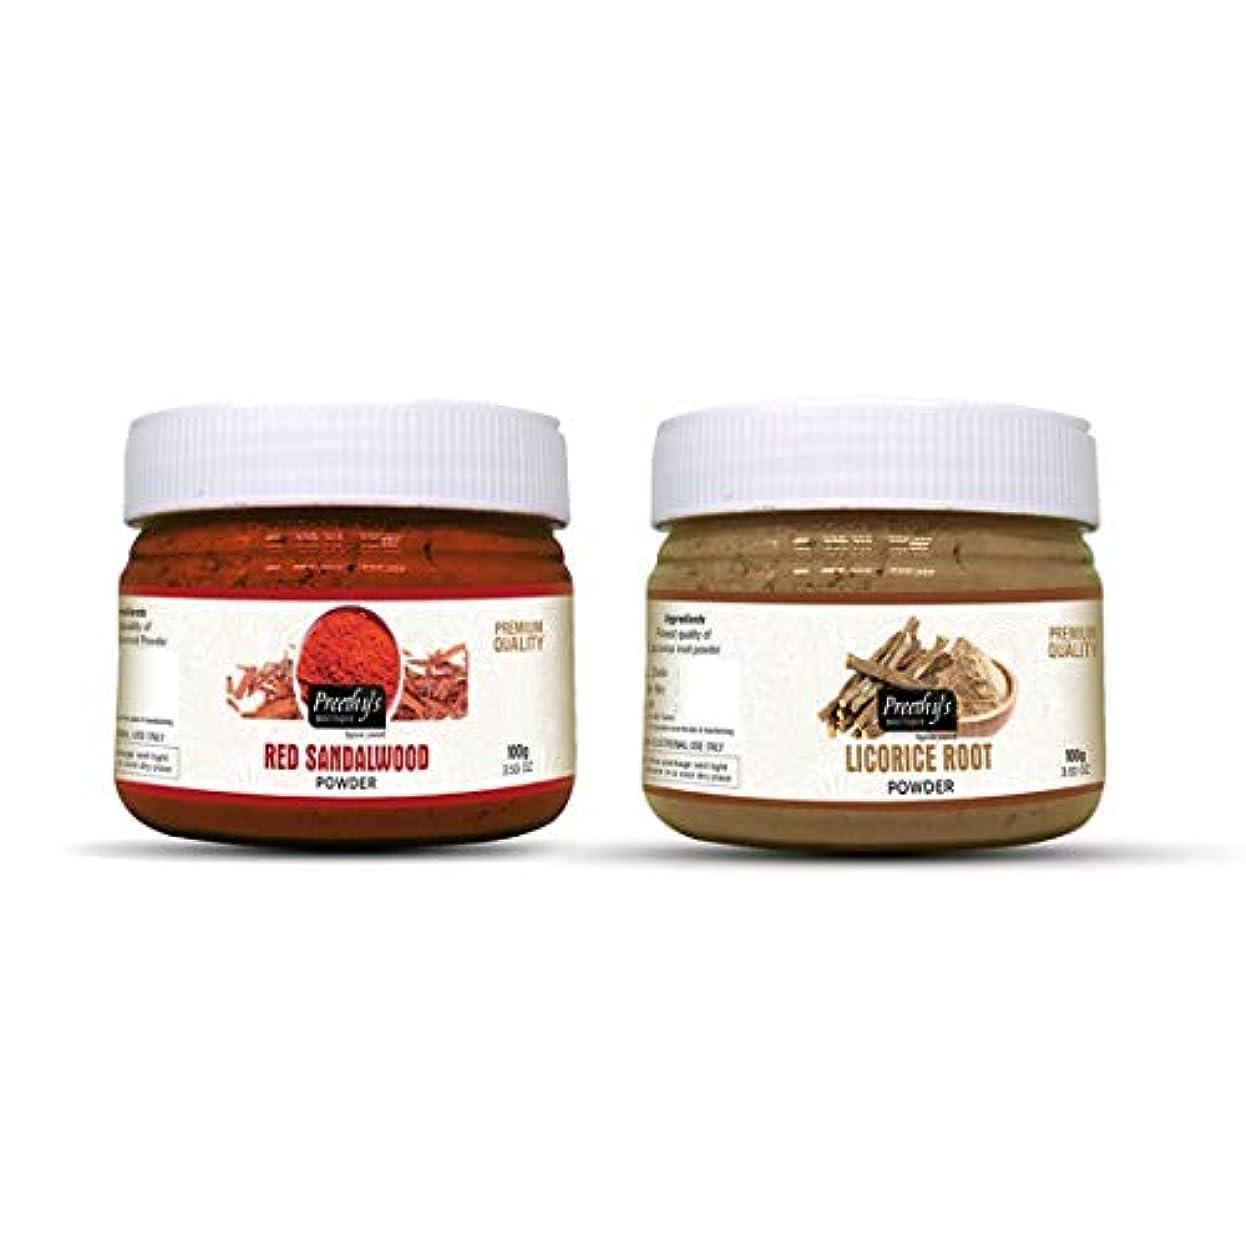 激怒主観的タオルCombo offer Of Licorice root powder 100gm & Red sandalwood powder 100gm - Natural Remedies for Skin Disorders,...